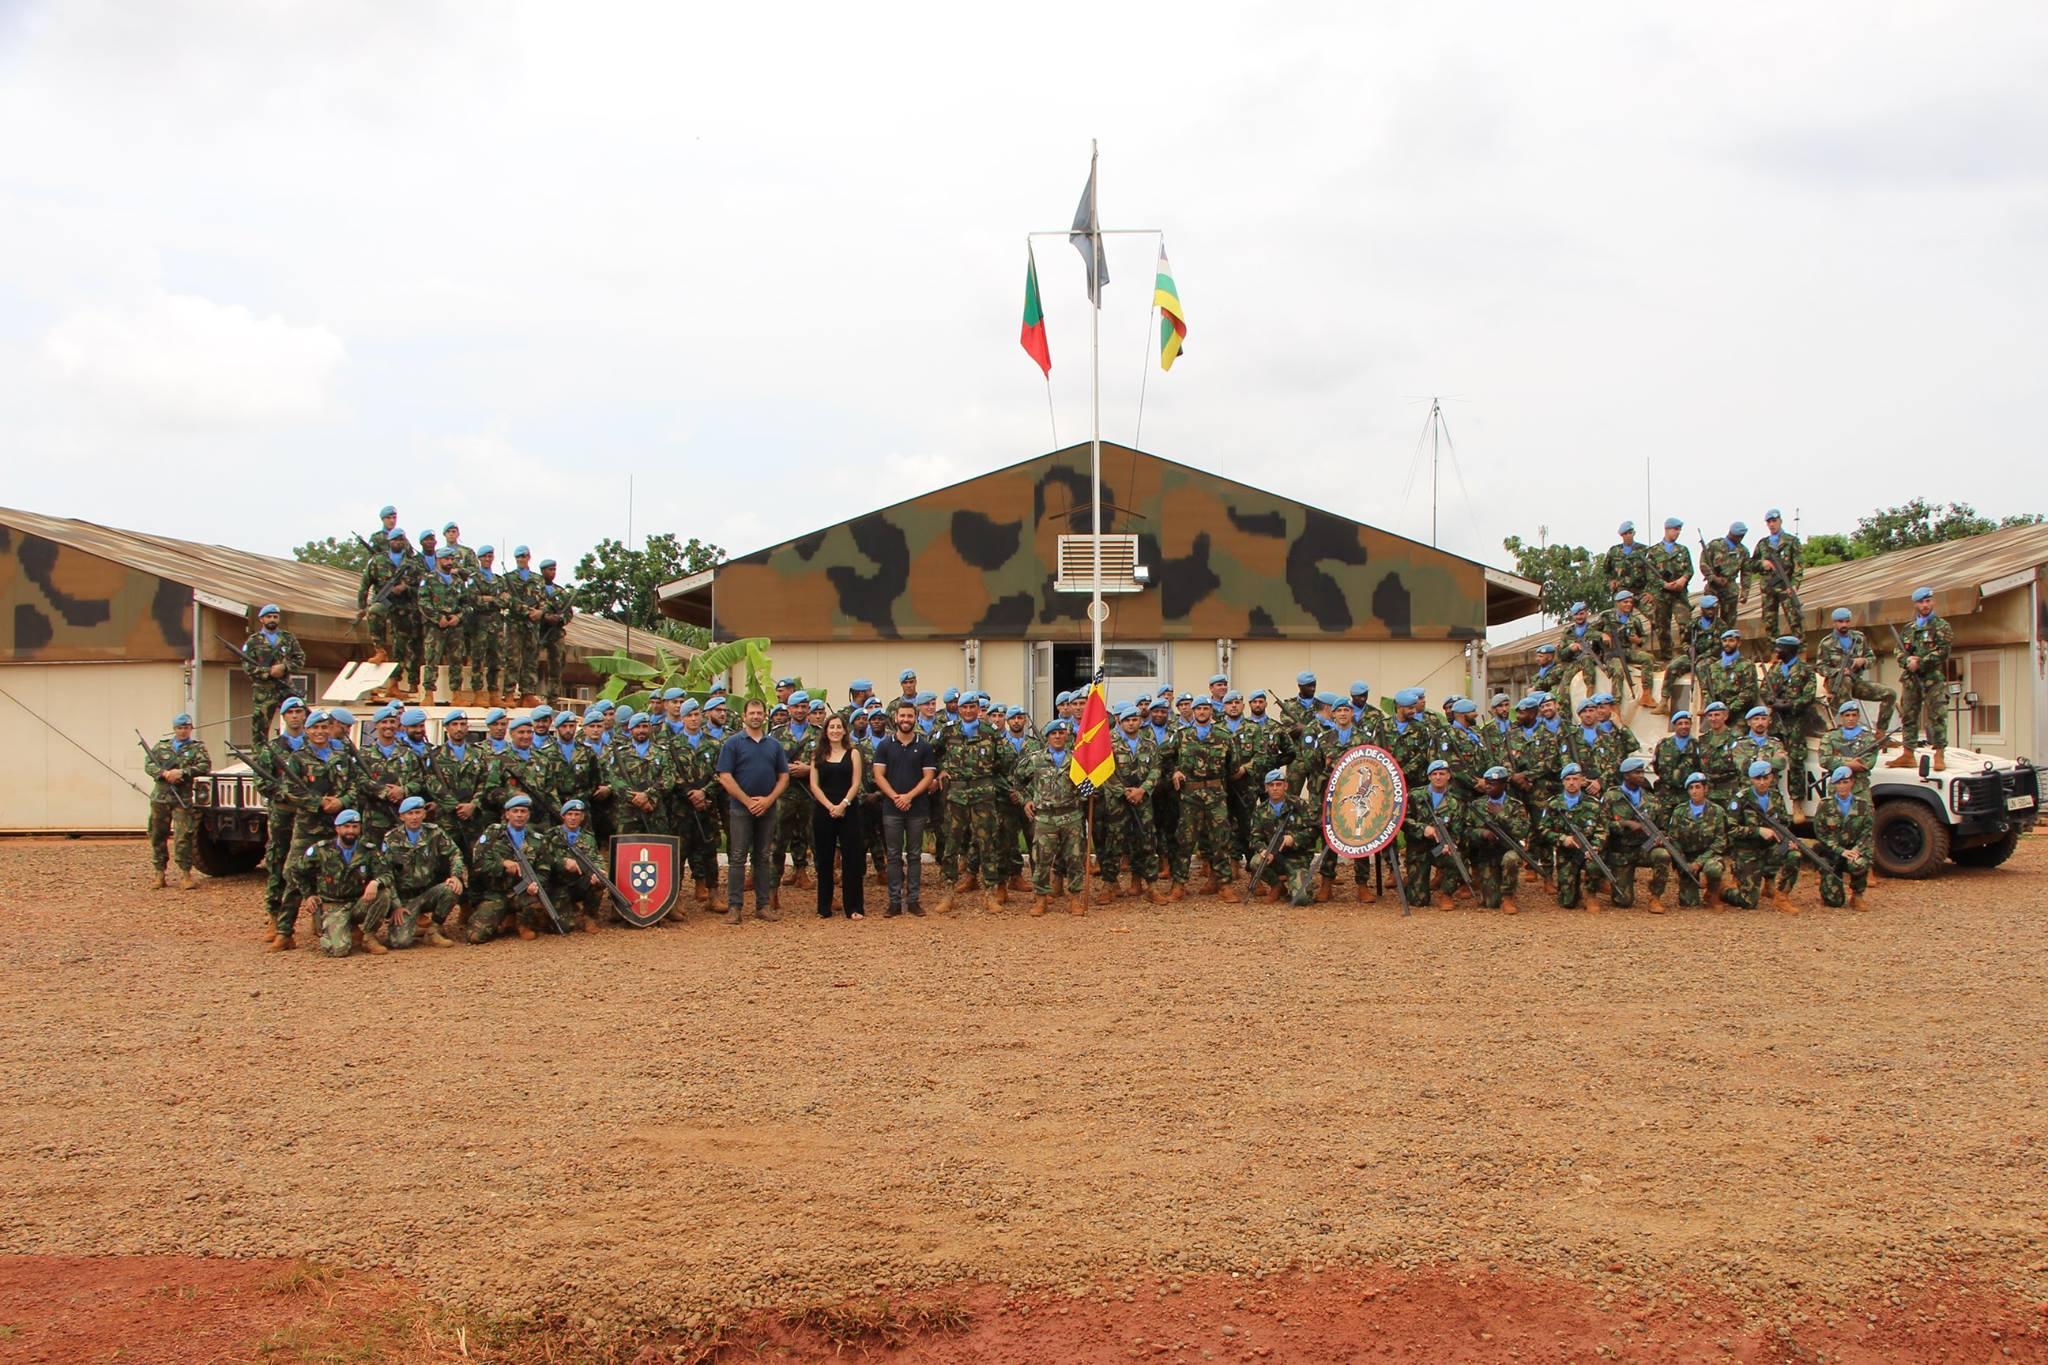 Fado at Rep. Centro Africana